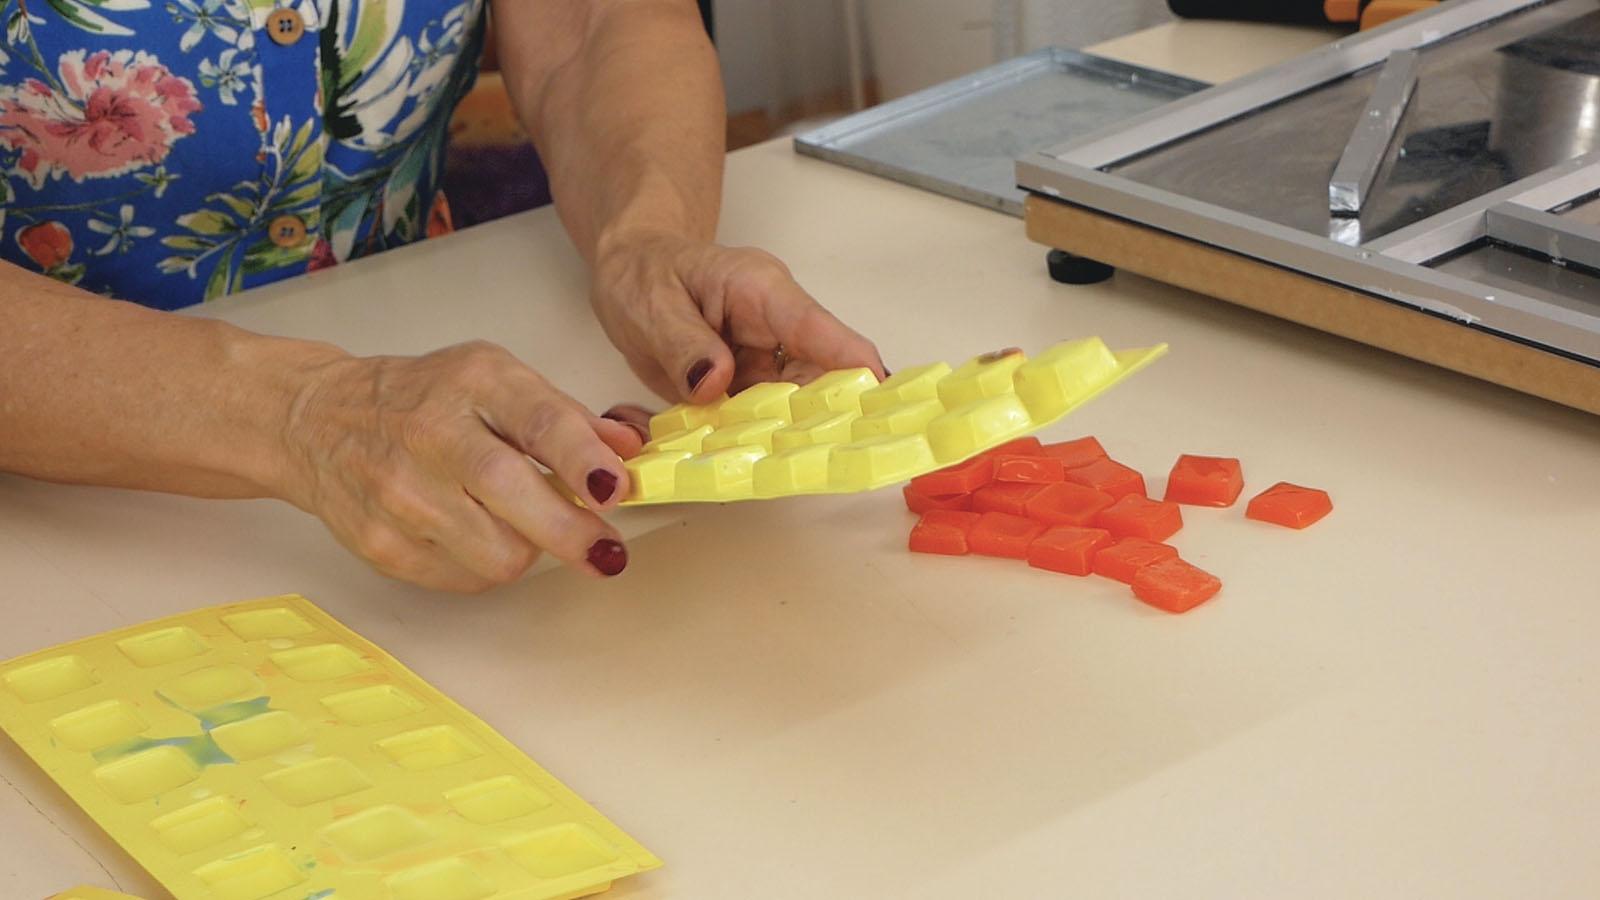 Comment fabriquer ou utiliser des crackers de cire également appelés dés de cire